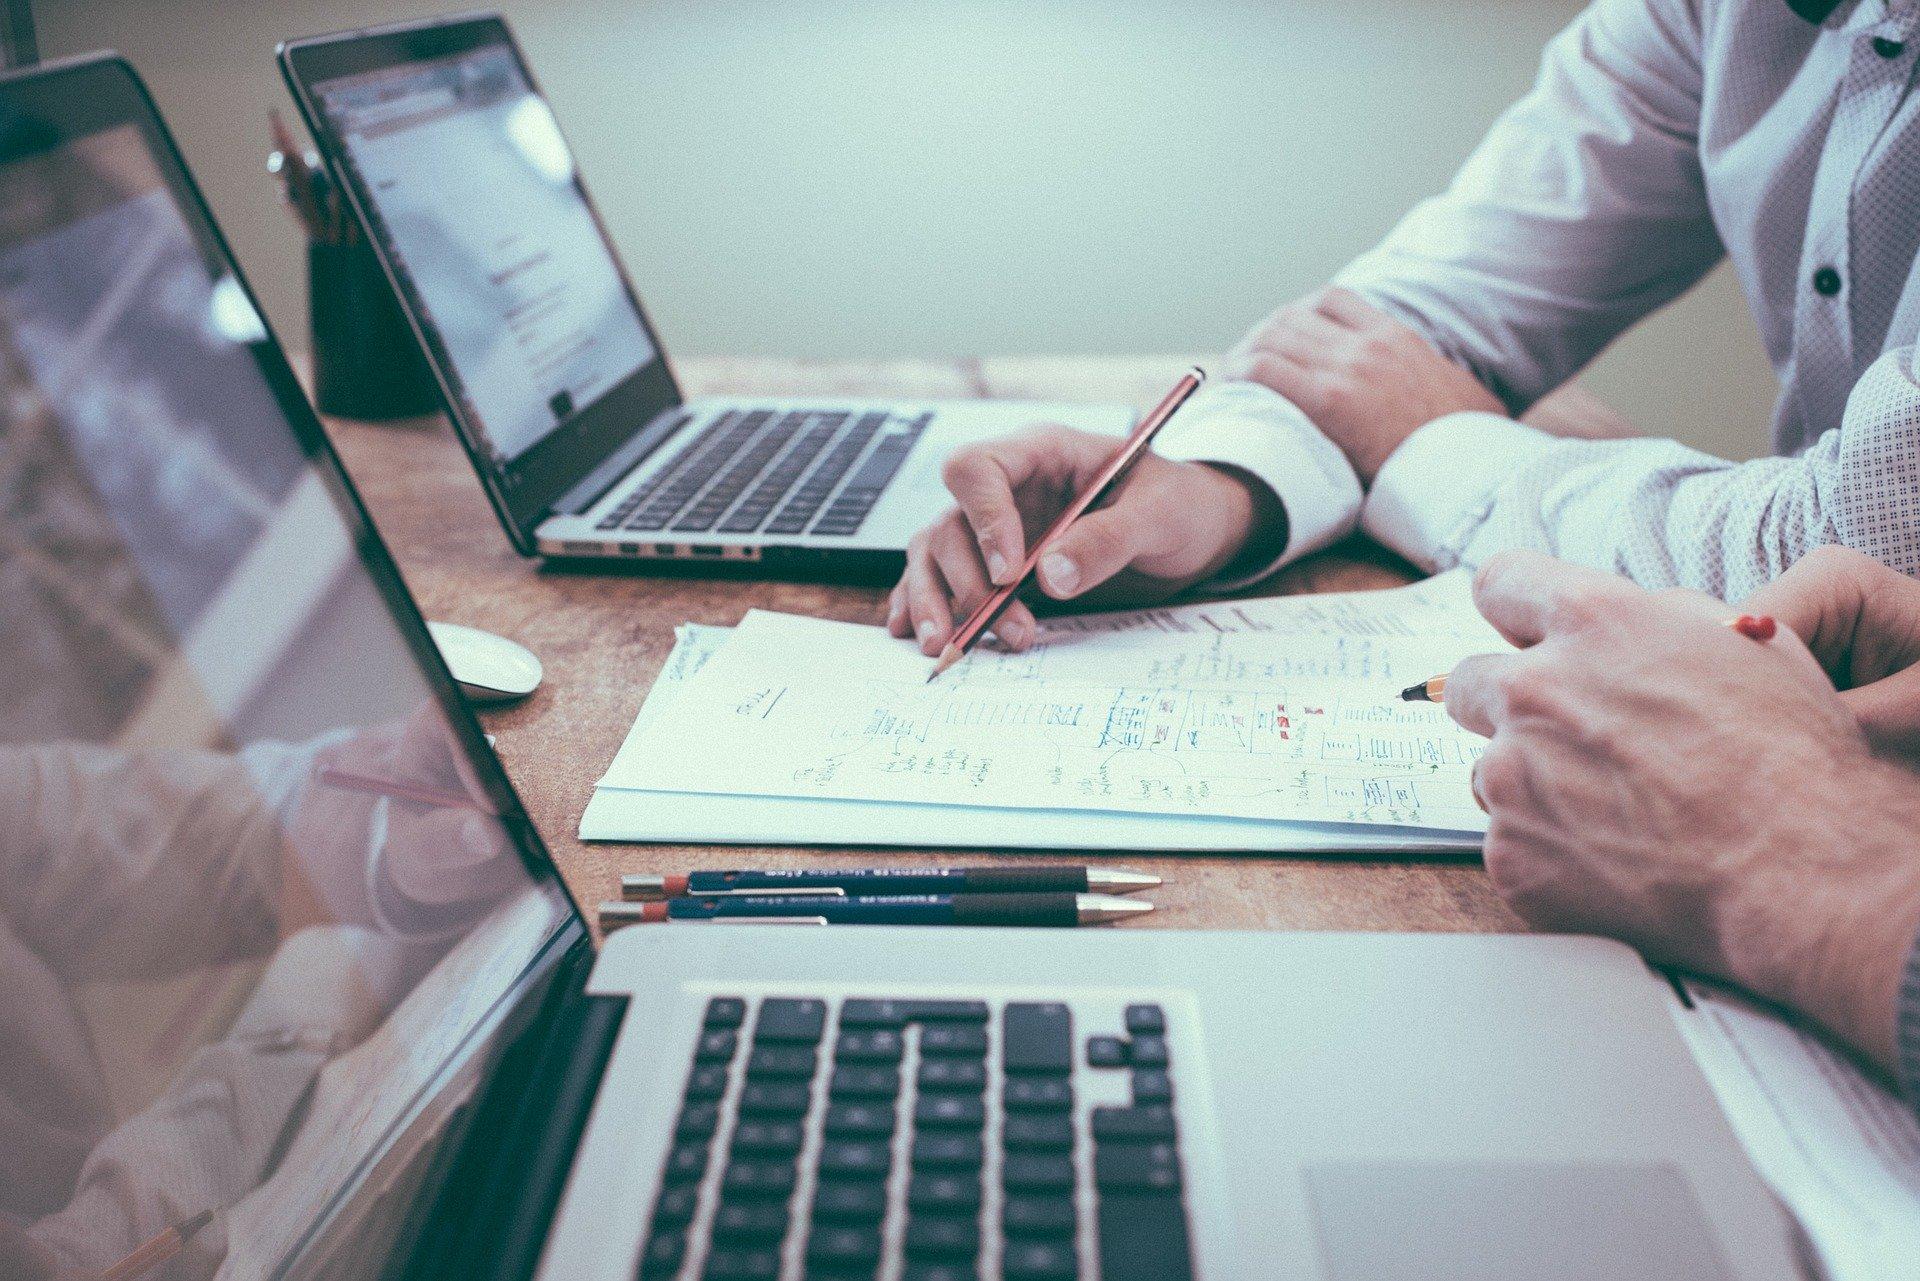 Де податки менші: 5 офшорних зон для стартапів та інших бізнесів - startups, news, groshi, business